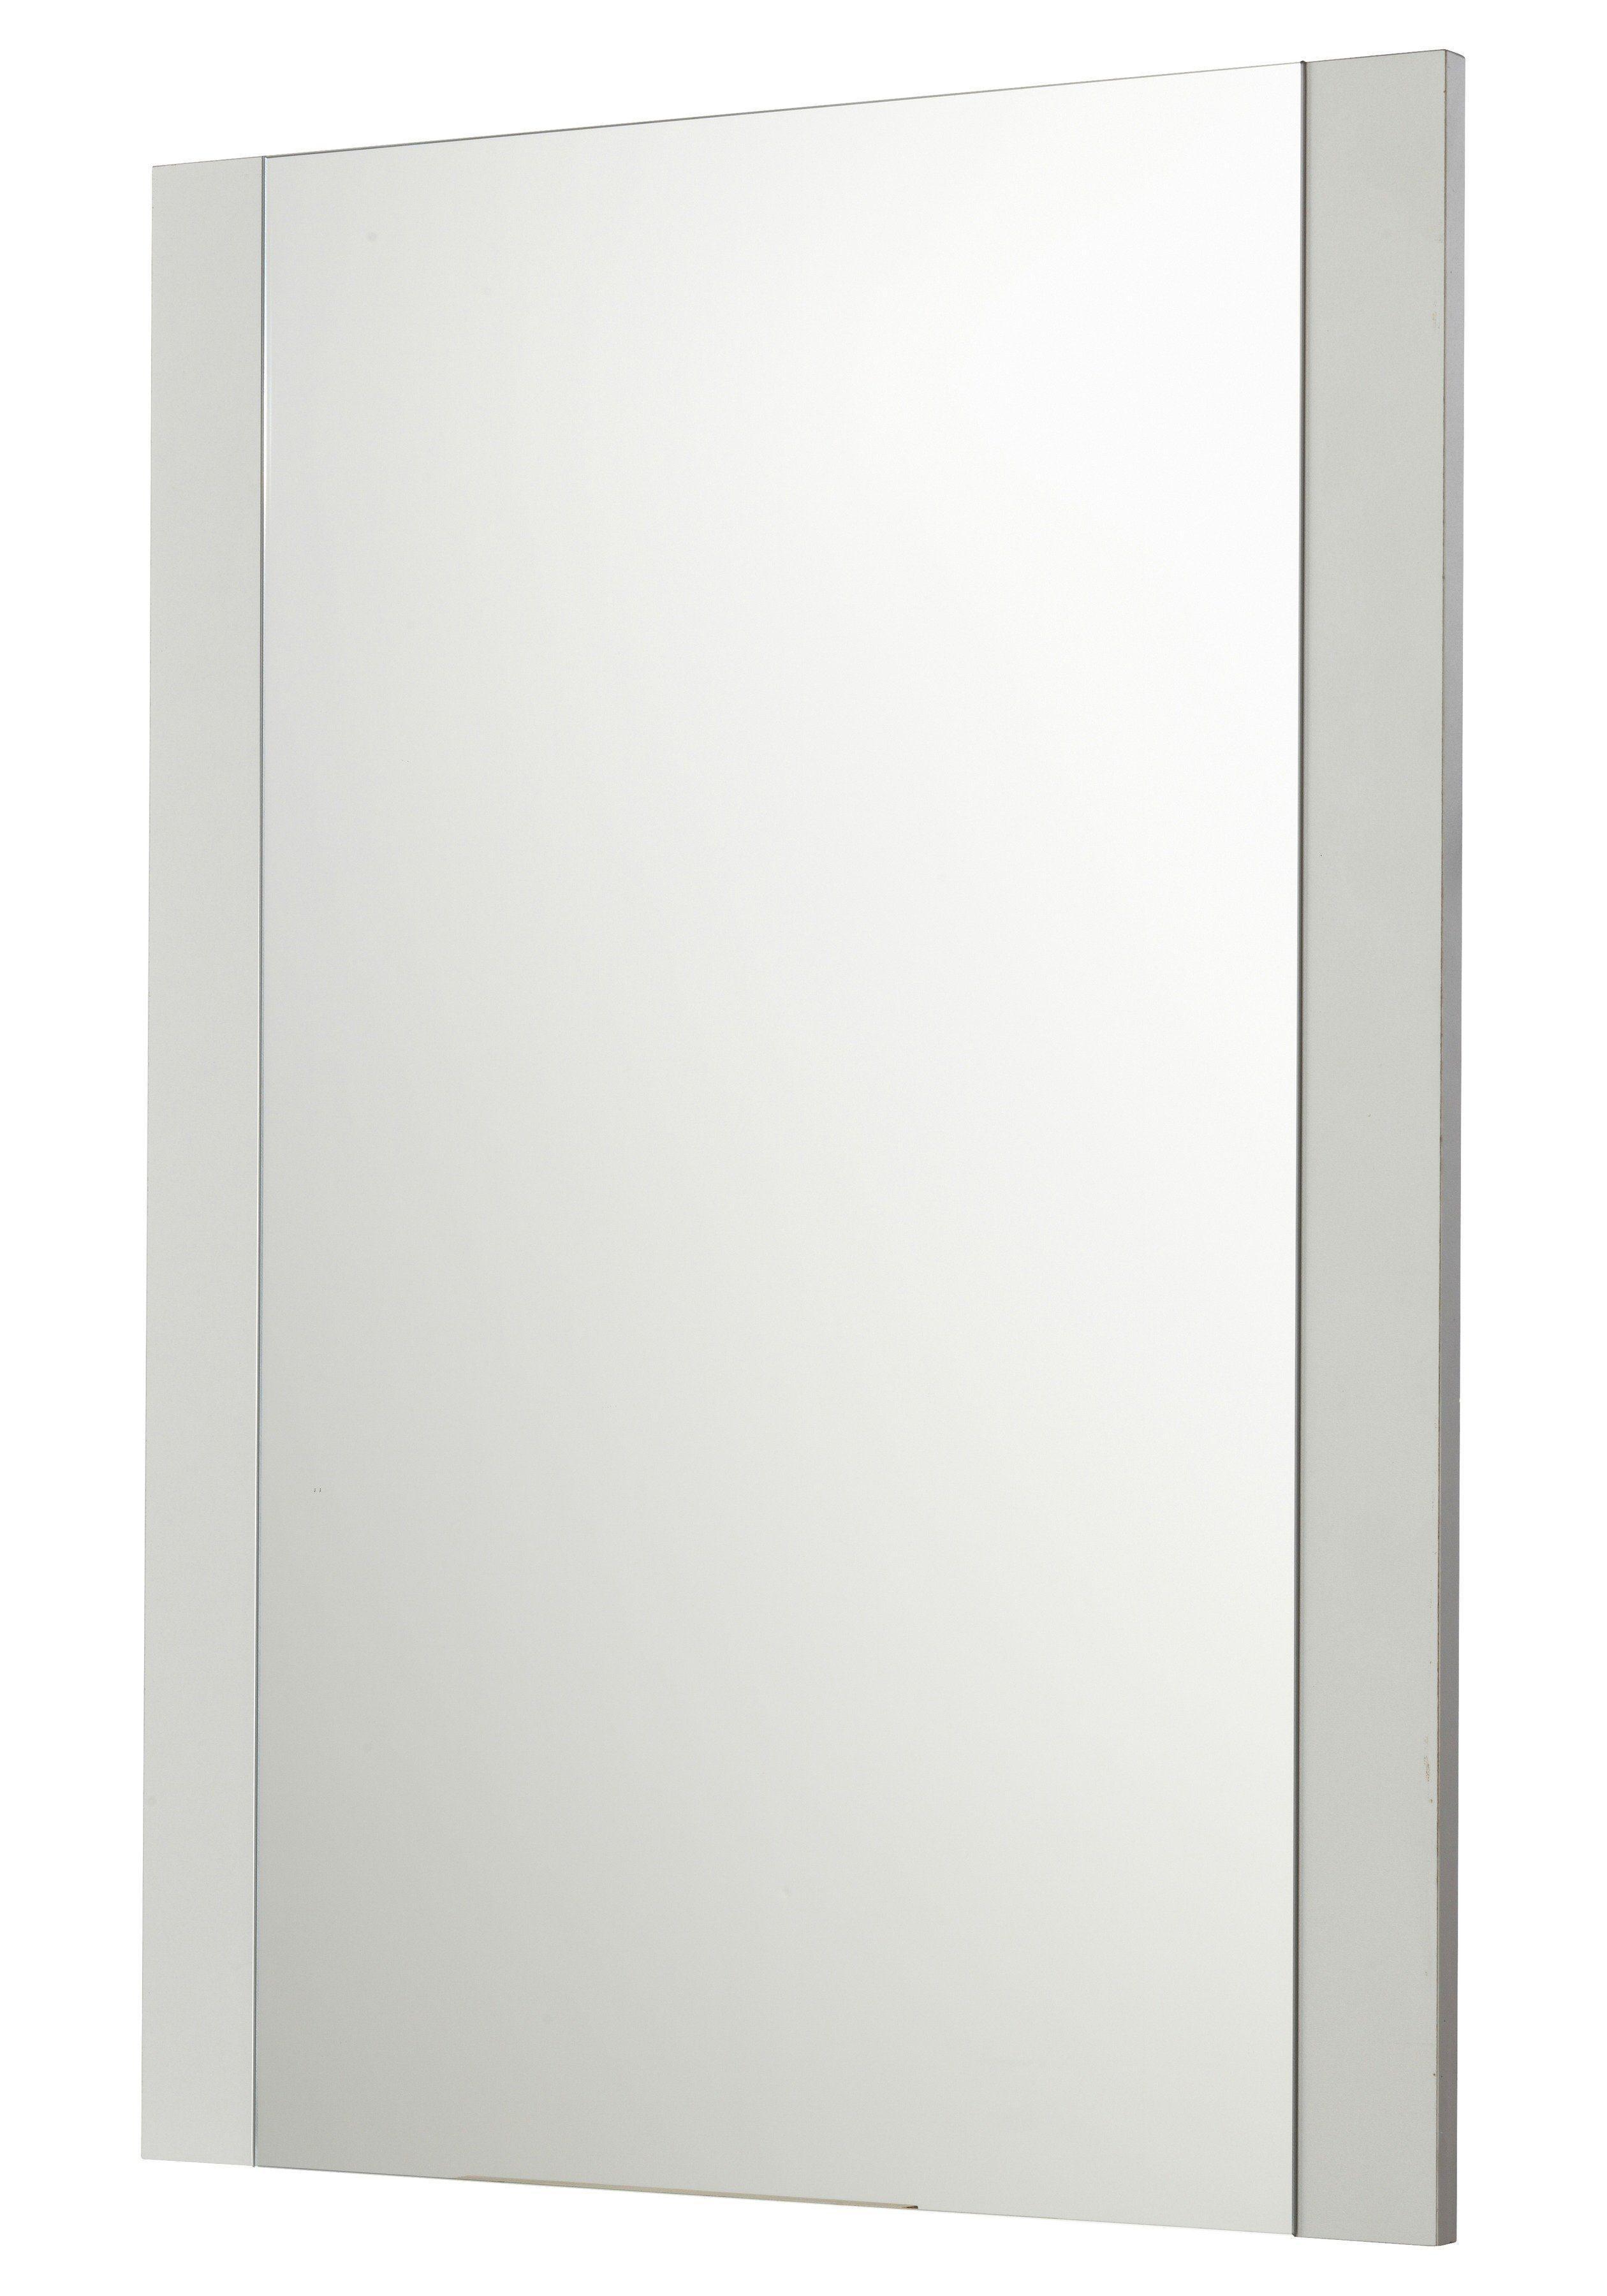 Spiegel / Badspiegel »Venedig« Breite 50 cm